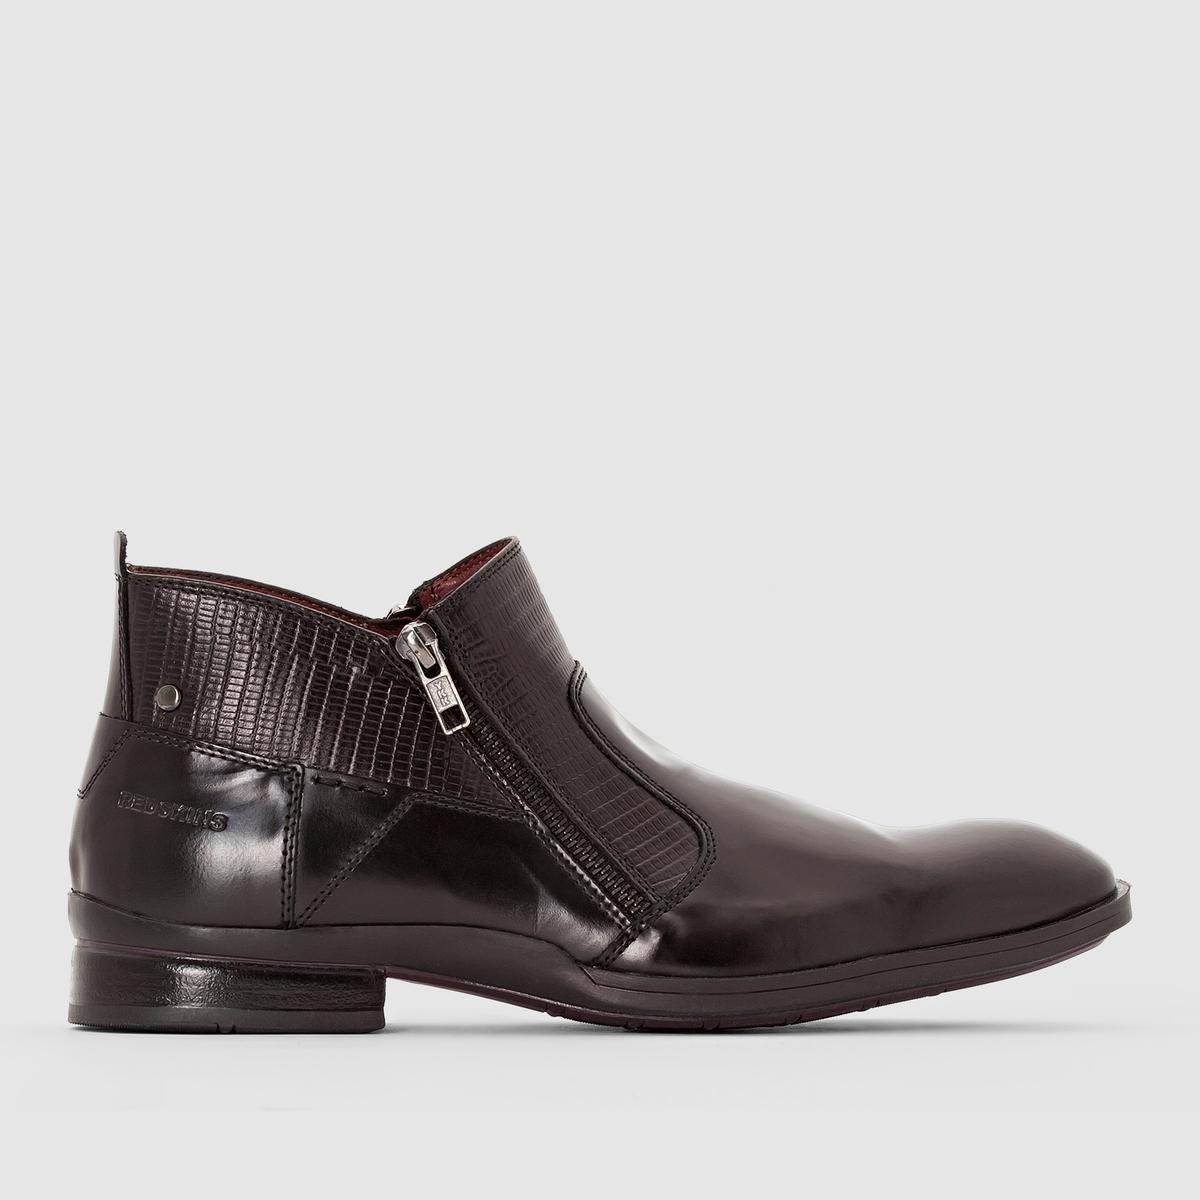 Ботильоны JAGOUПодкладка : текстиль.   Стелька : Кожа   Подкладка : Кожа и текстиль   Стелька : Кожа   Подошва : каучук.   Форма каблука : Плоский каблук   Носок : Закругленный.    Застежка : шнуровка.<br><br>Цвет: черный<br>Размер: 45